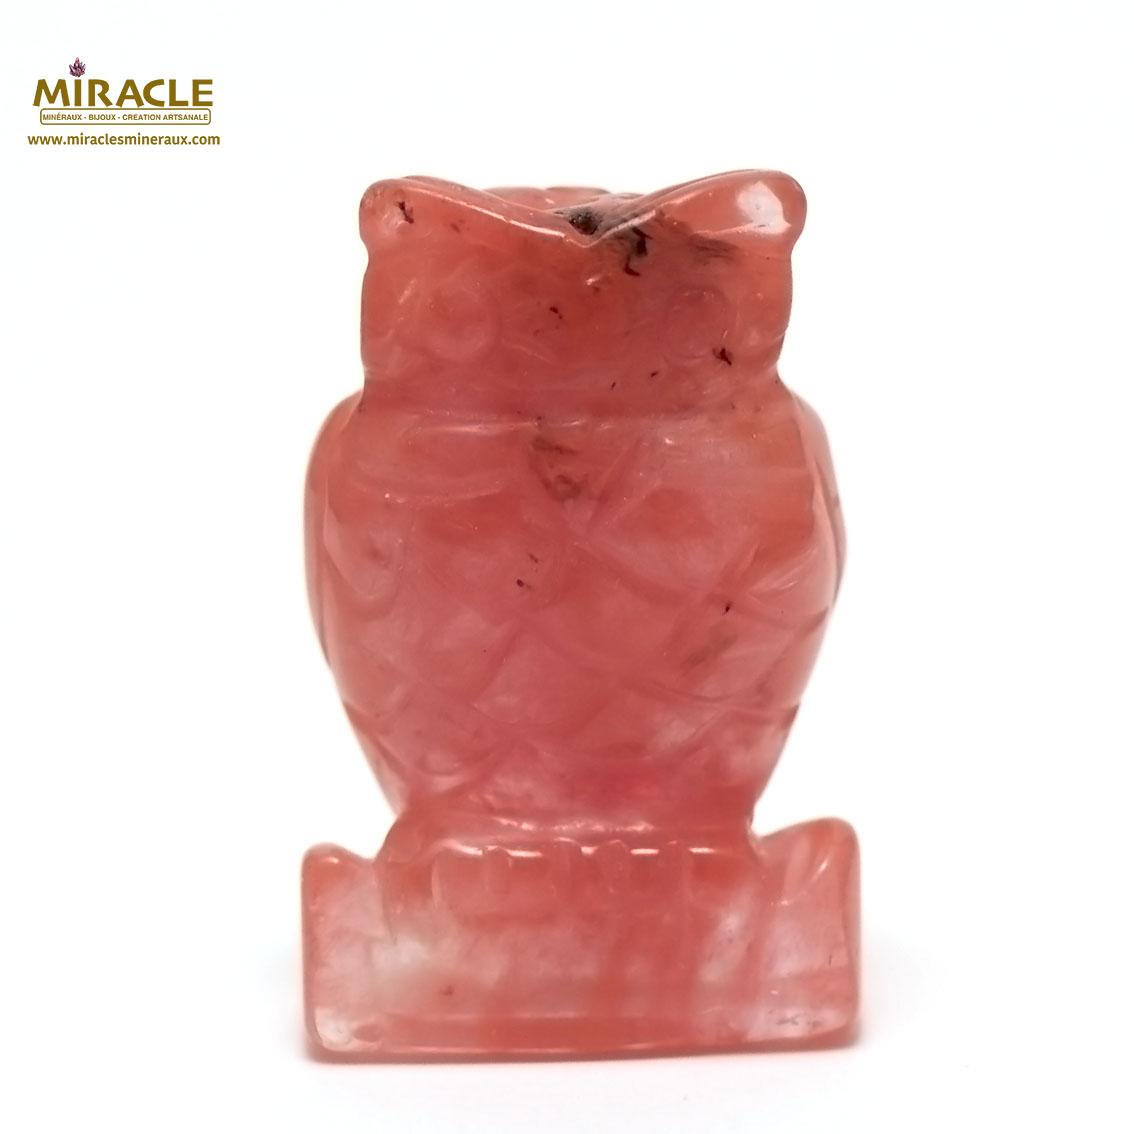 statuette minéraux chouette, pierre naturelle de quartz strawberry